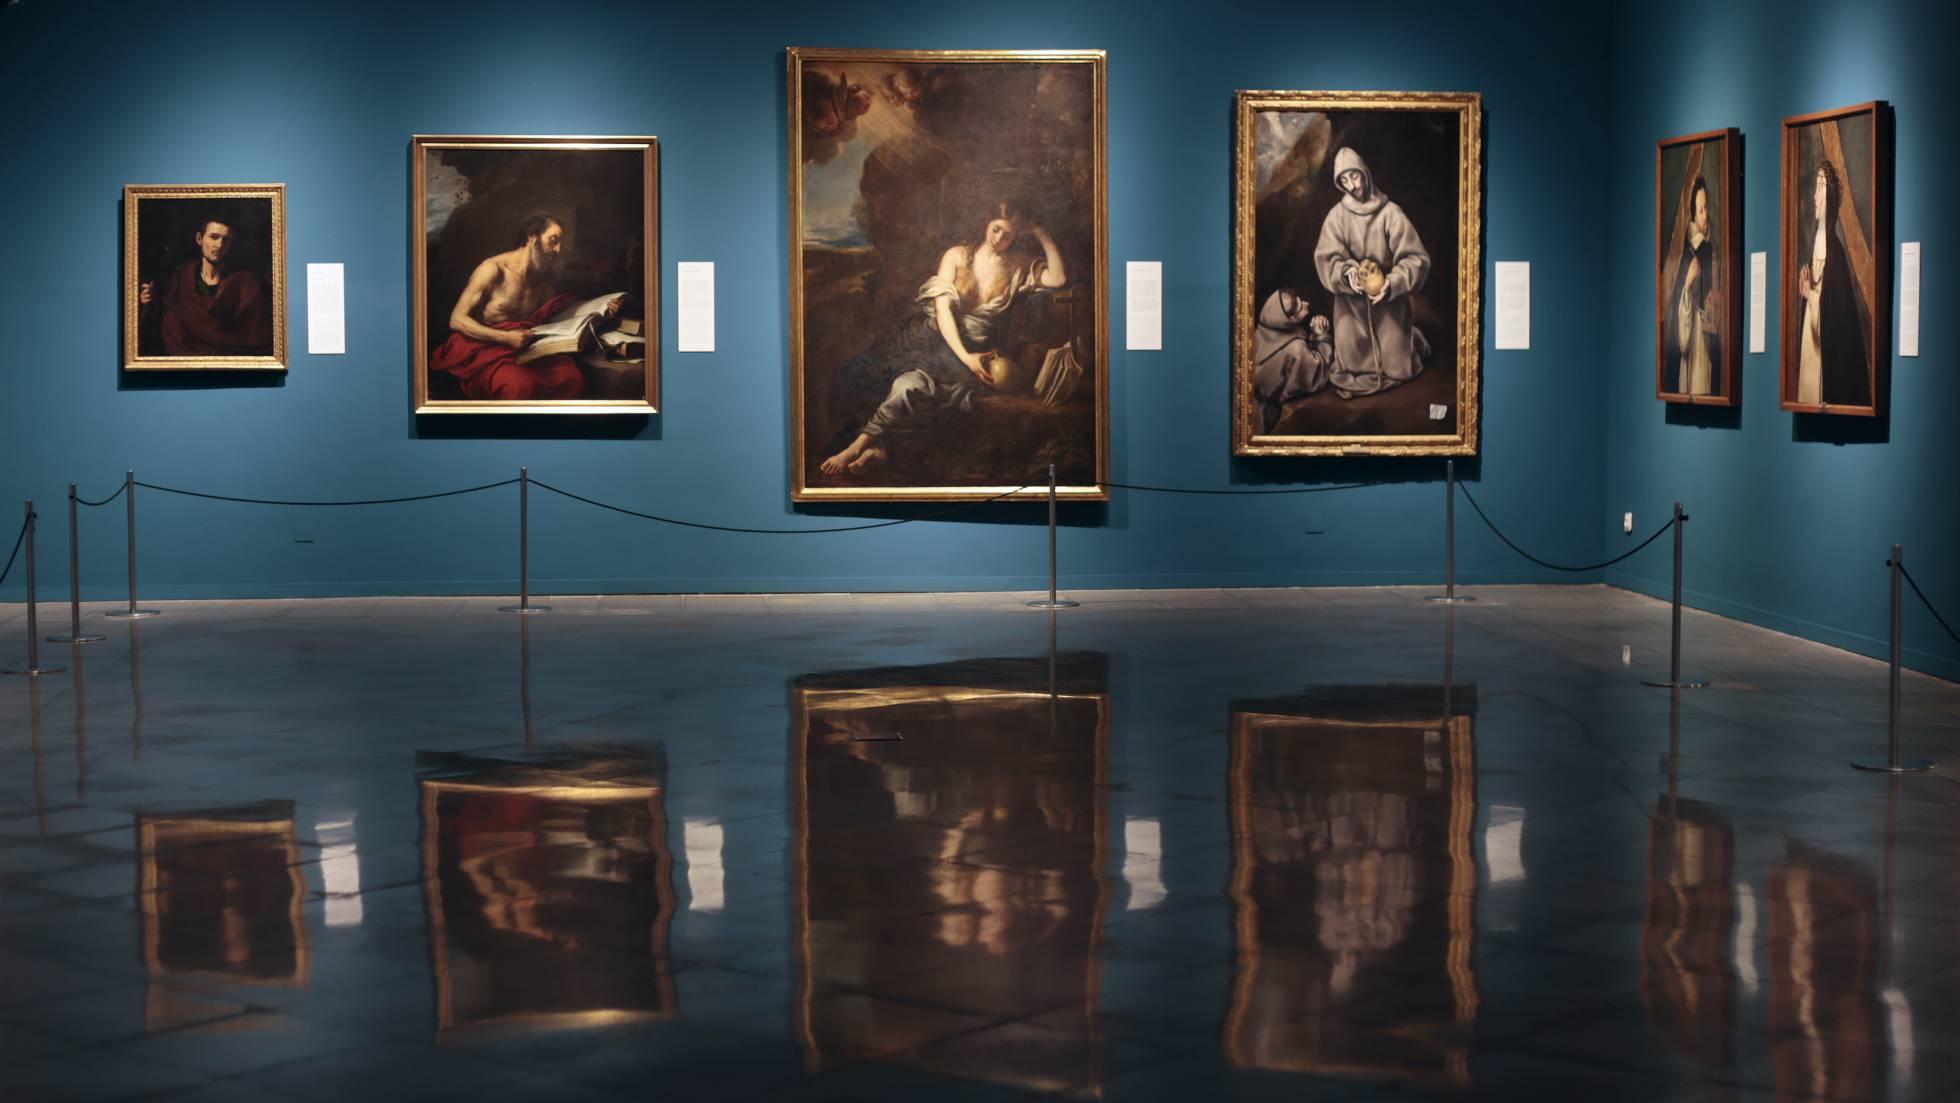 В Каталонии открылась выставка работ из коллекции музея Прадо